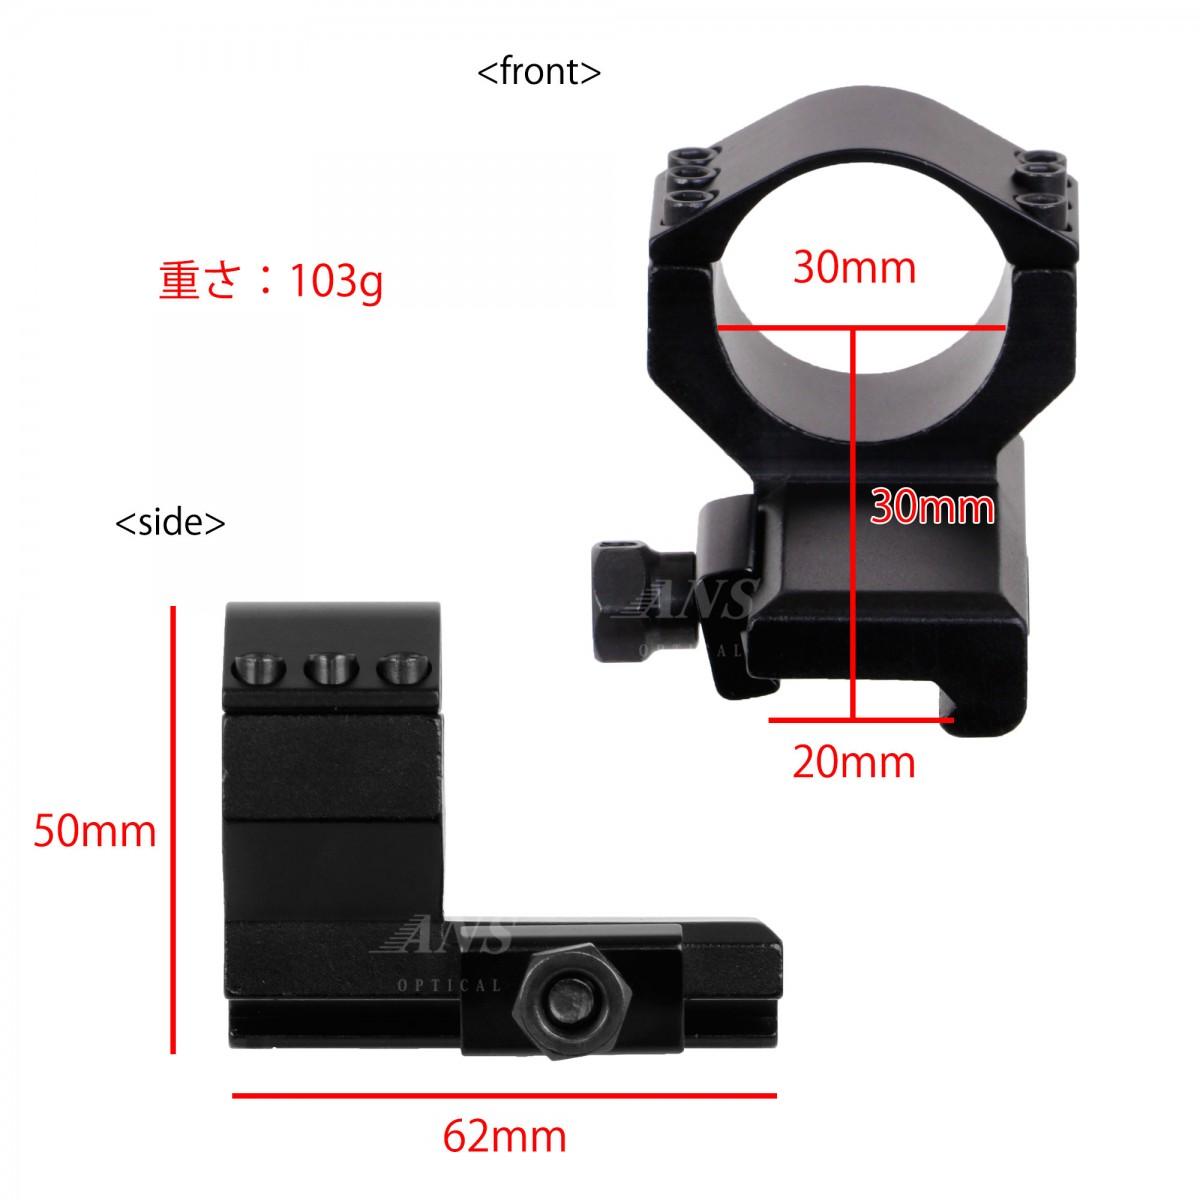 マウントリング L型 シングル 30mm LOW